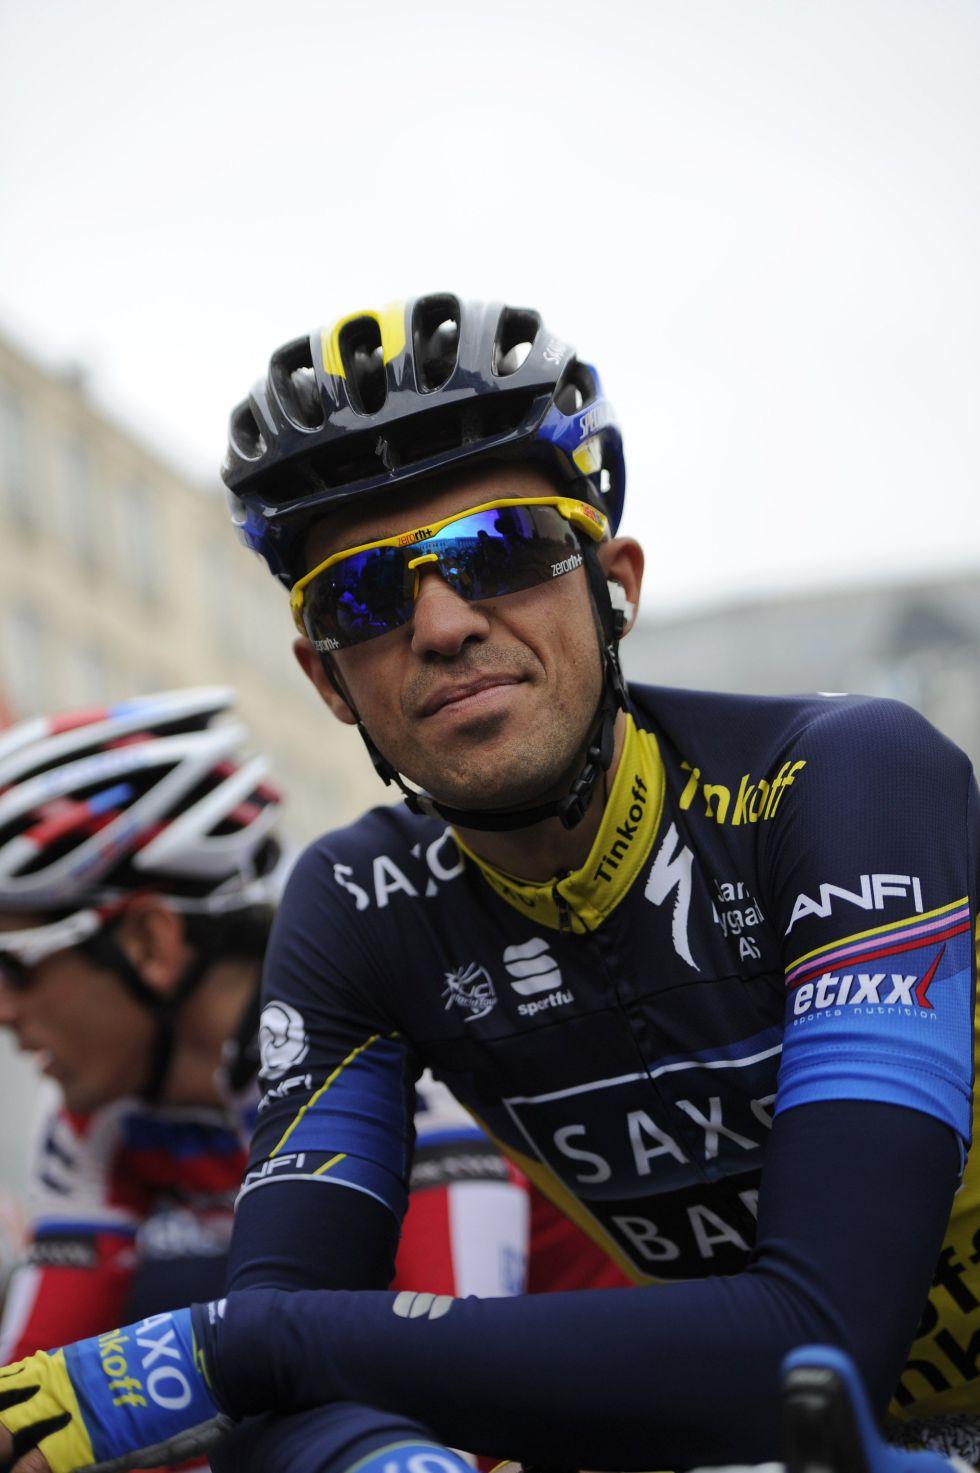 El Team Saxo confirma la ausencia de Contador en el Giro